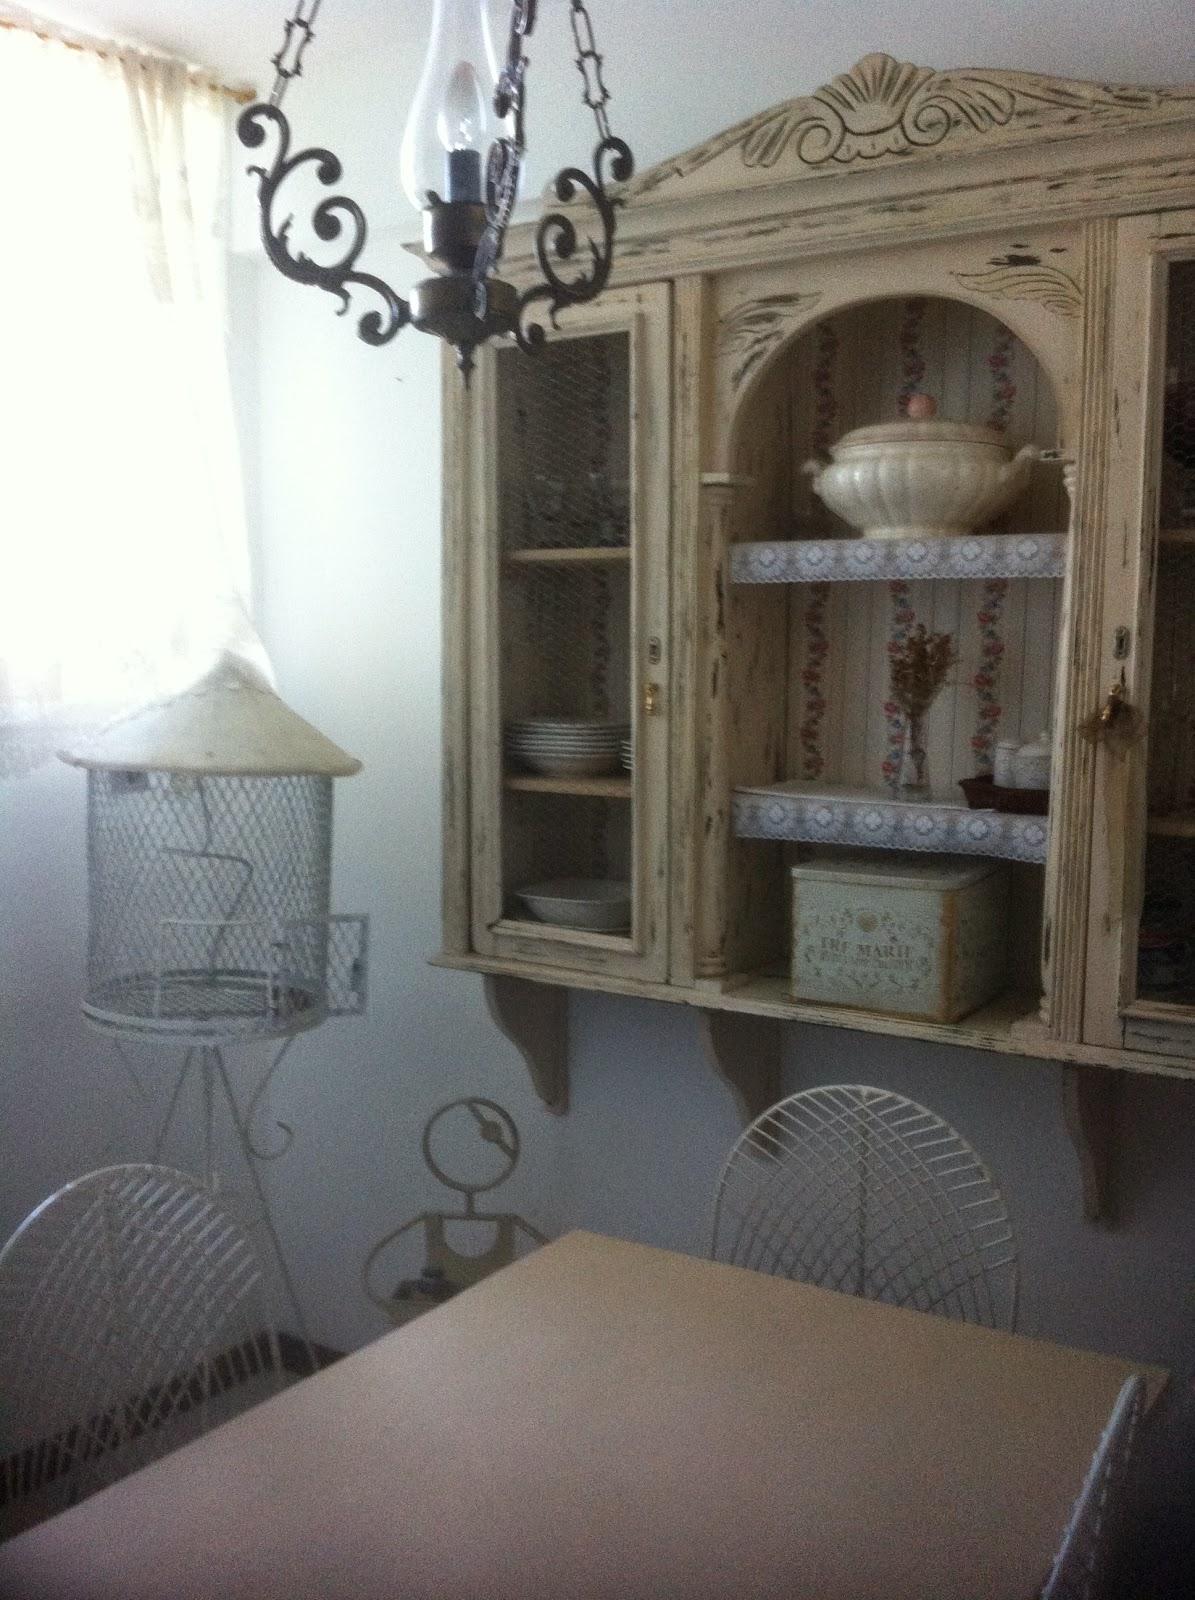 imagenes de muebles coloniales - Ripley Muebles